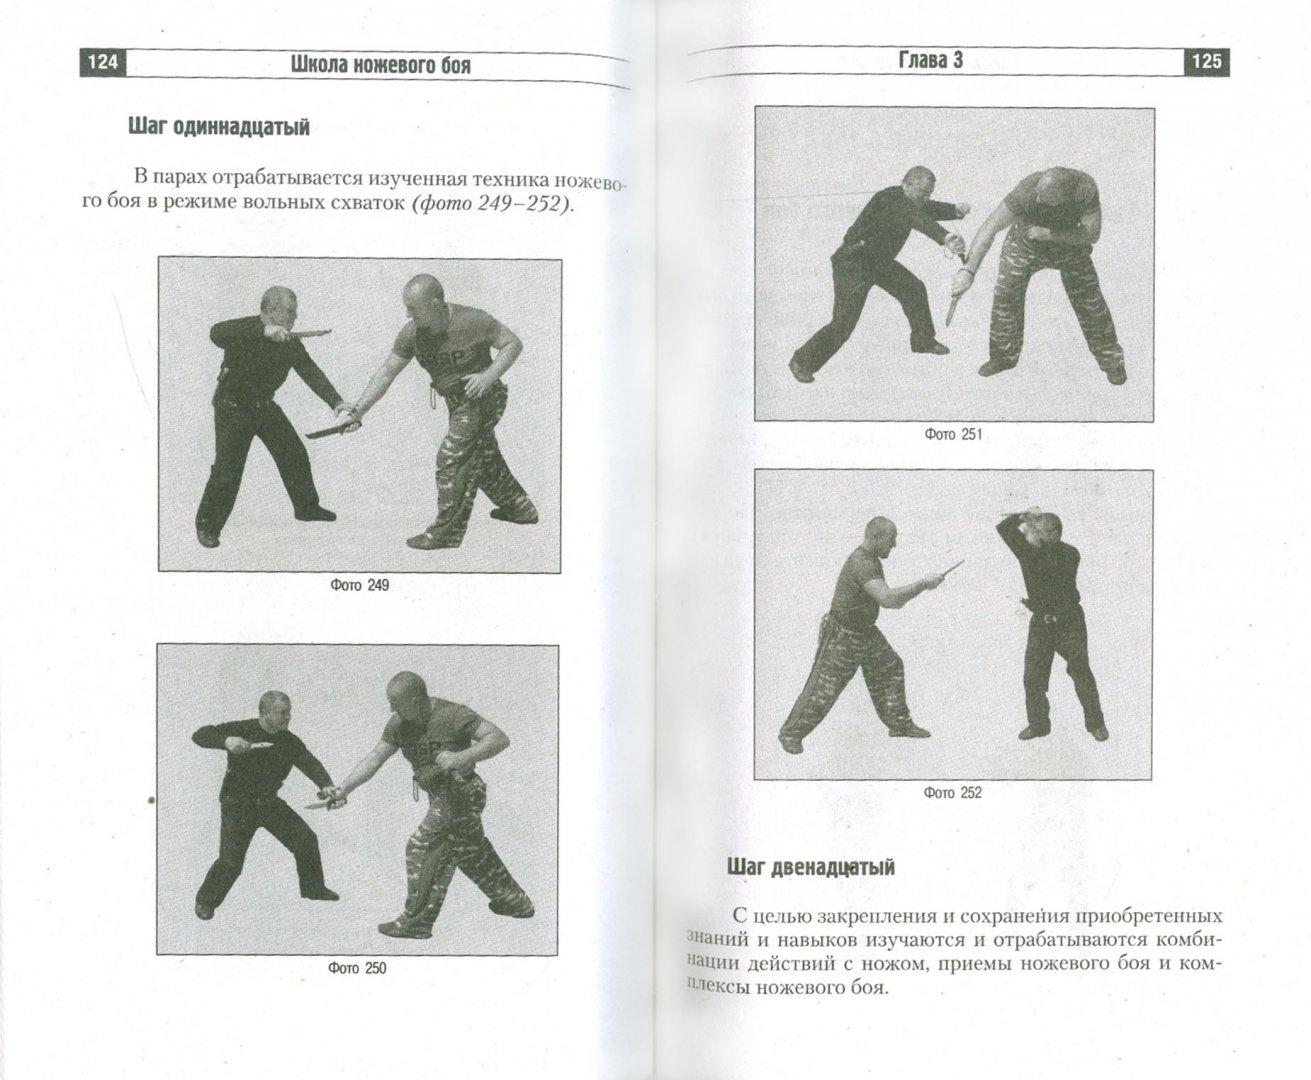 Иллюстрация 1 из 7 для Школа ножевого боя. Хваты, боевые стойки, движения, удары, техники защиты и метания боевого ножа - Александр Травников   Лабиринт - книги. Источник: Лабиринт